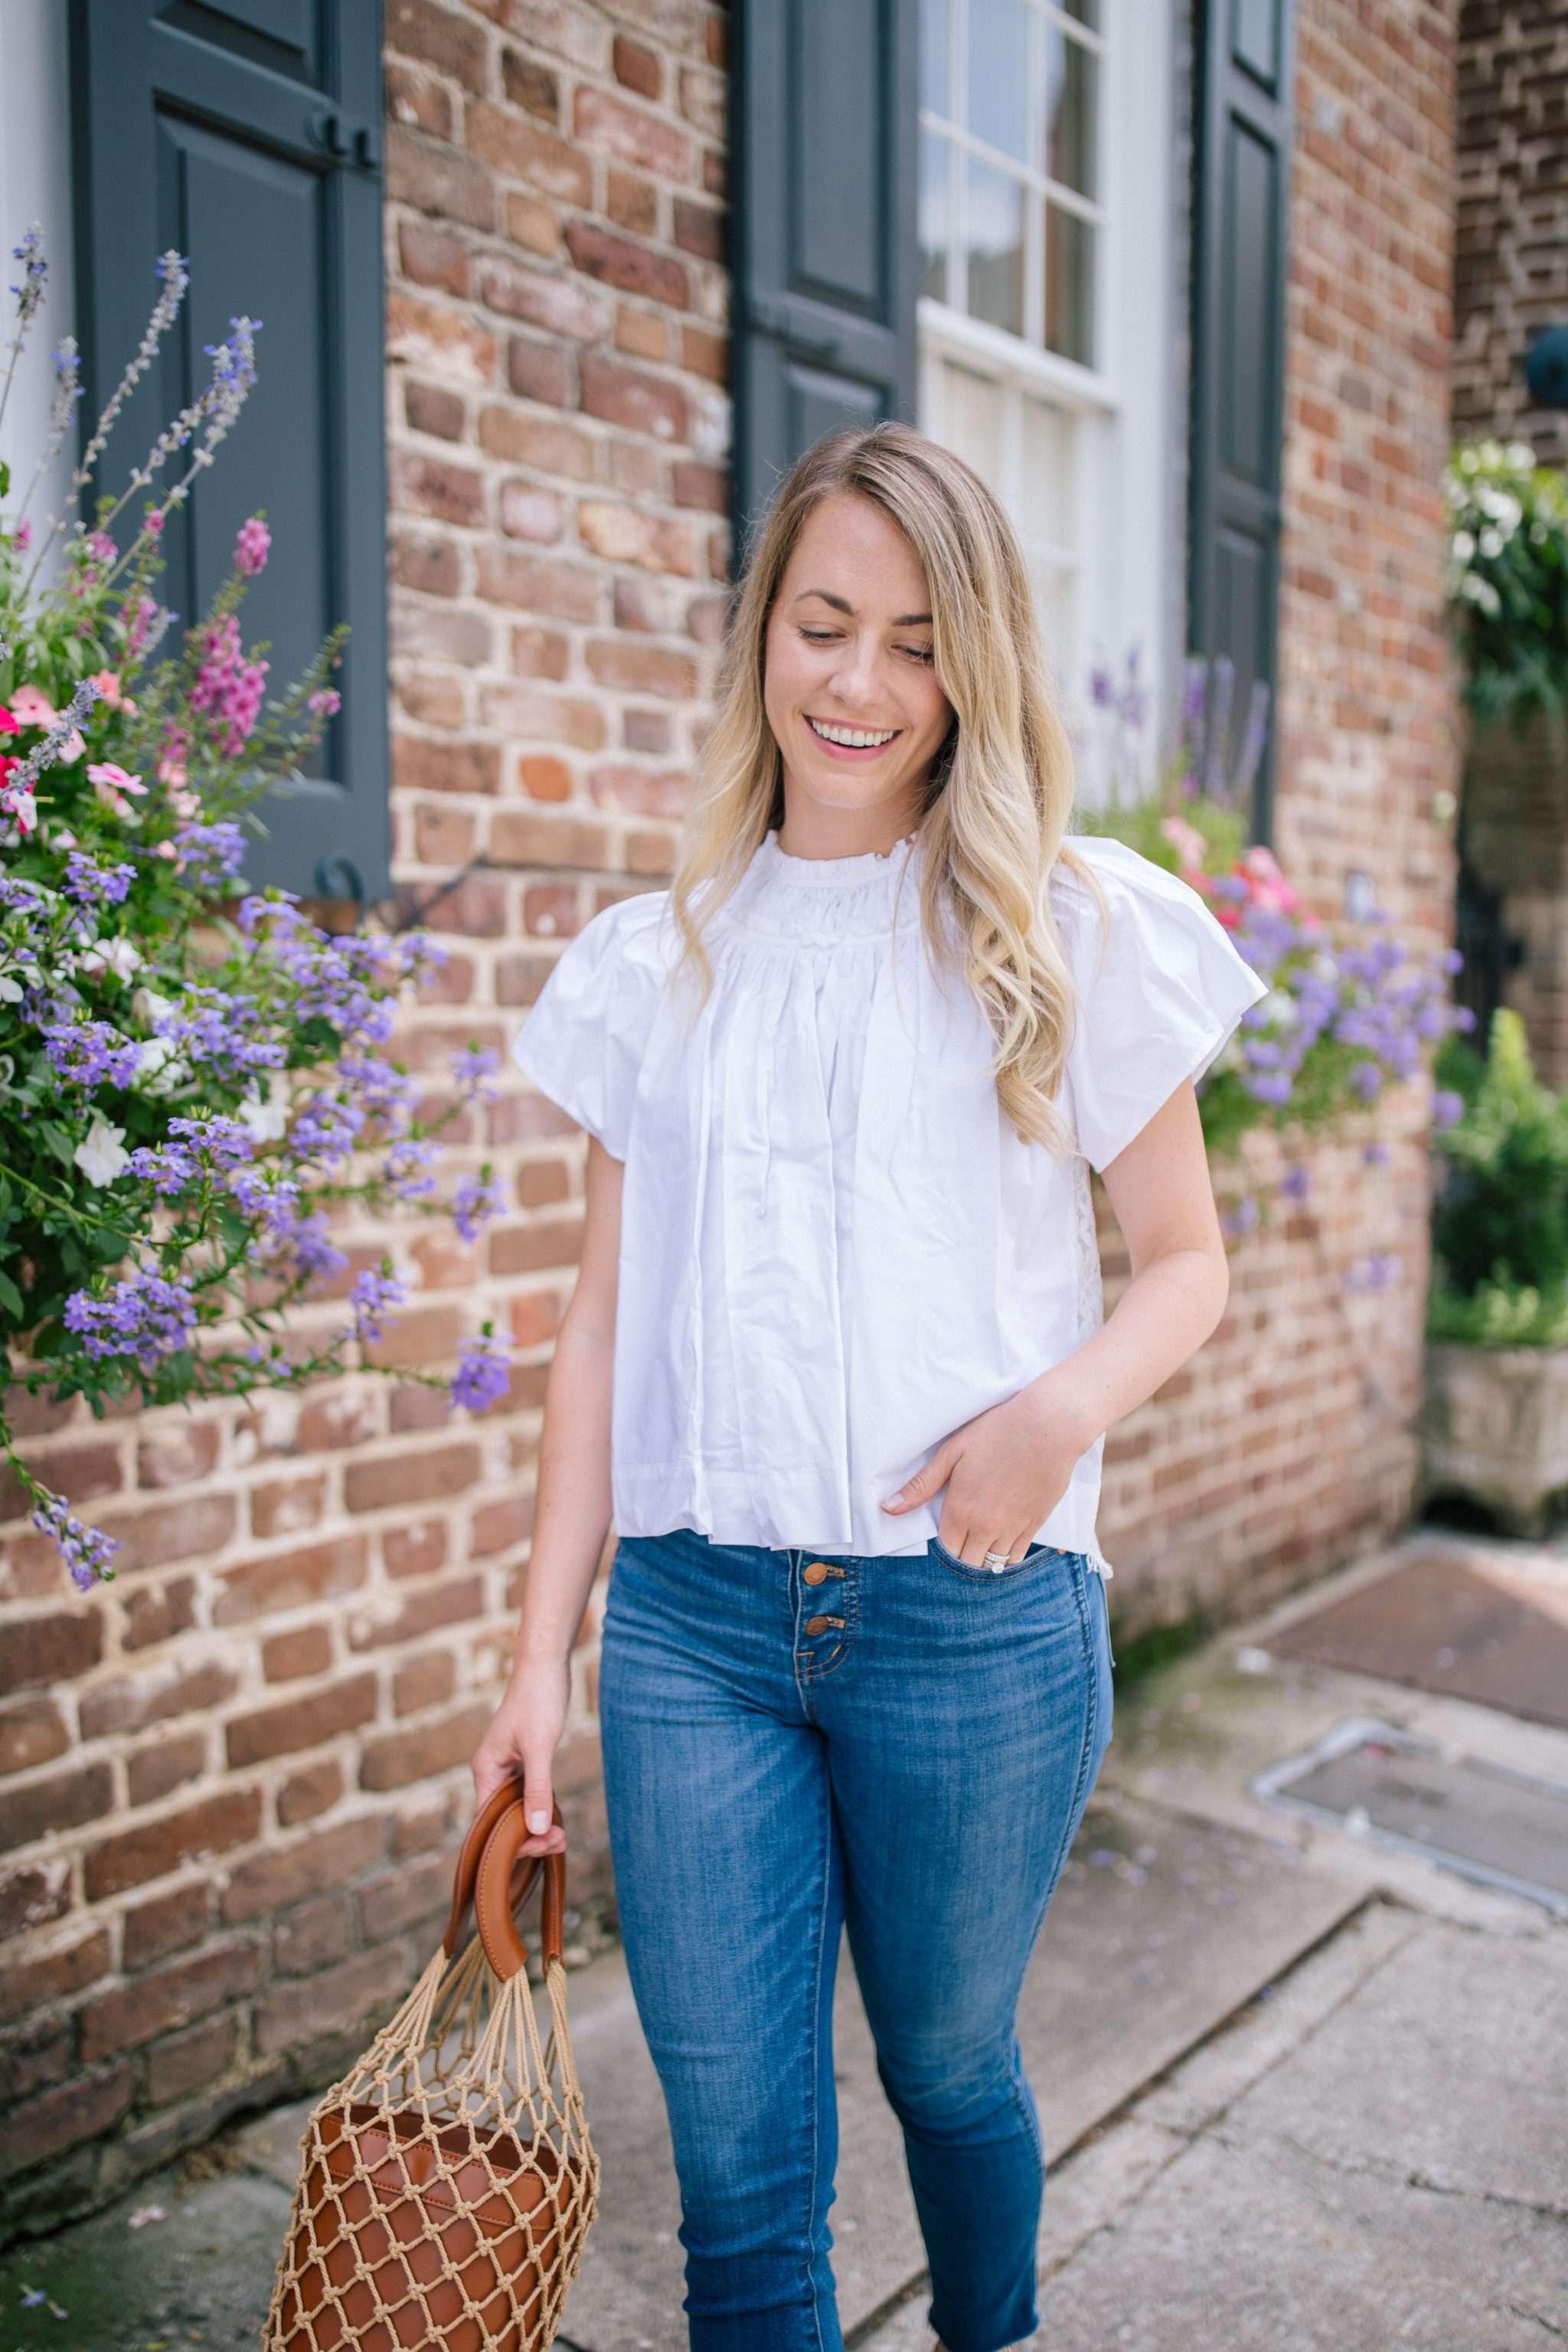 Crisp white tops for shop for summer 2019 | Rhyme & Reason